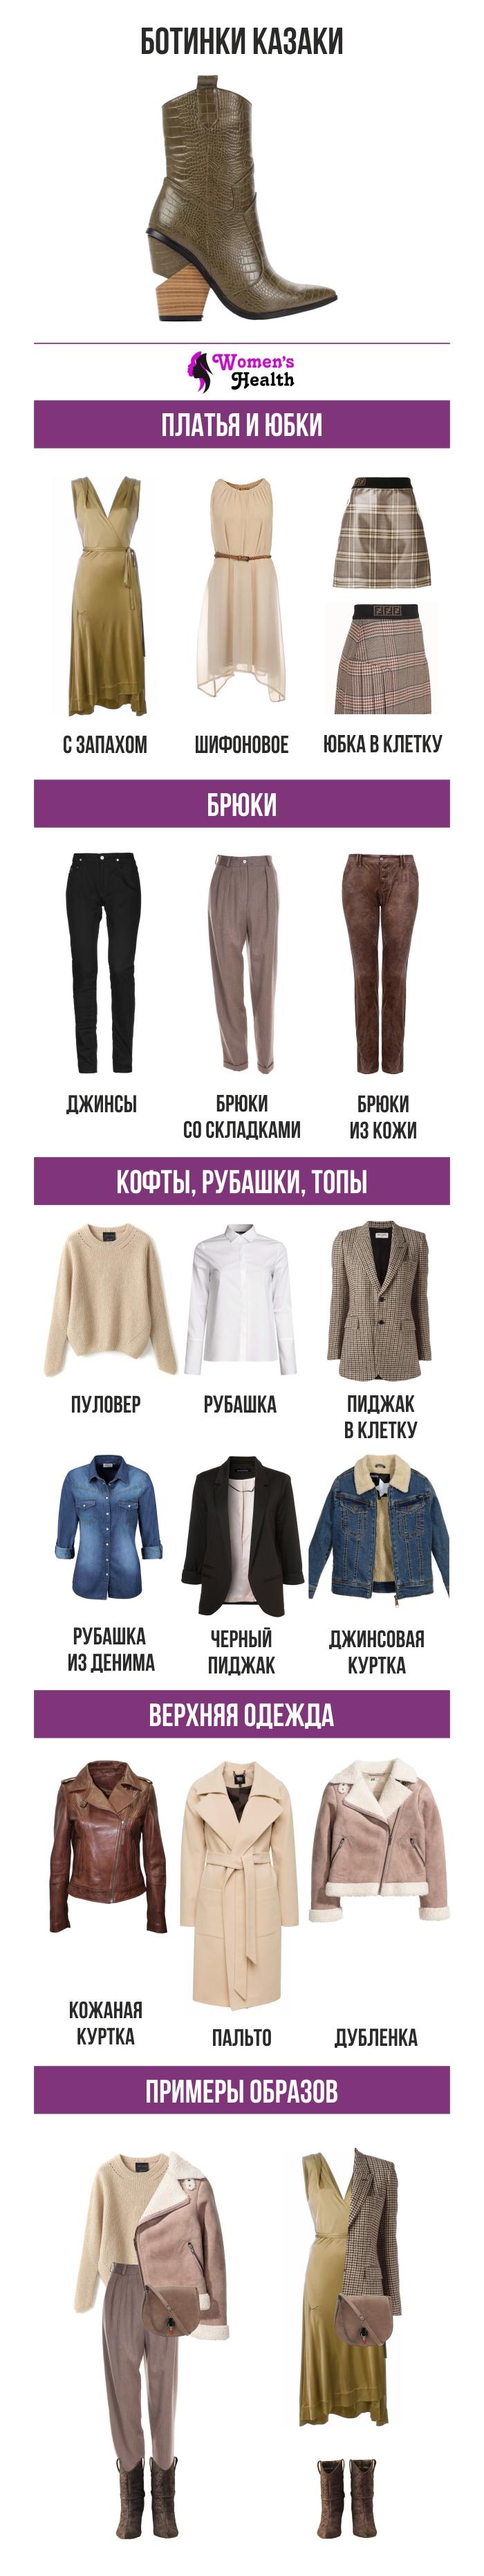 Инфографика: С чем носить модные женские казаки